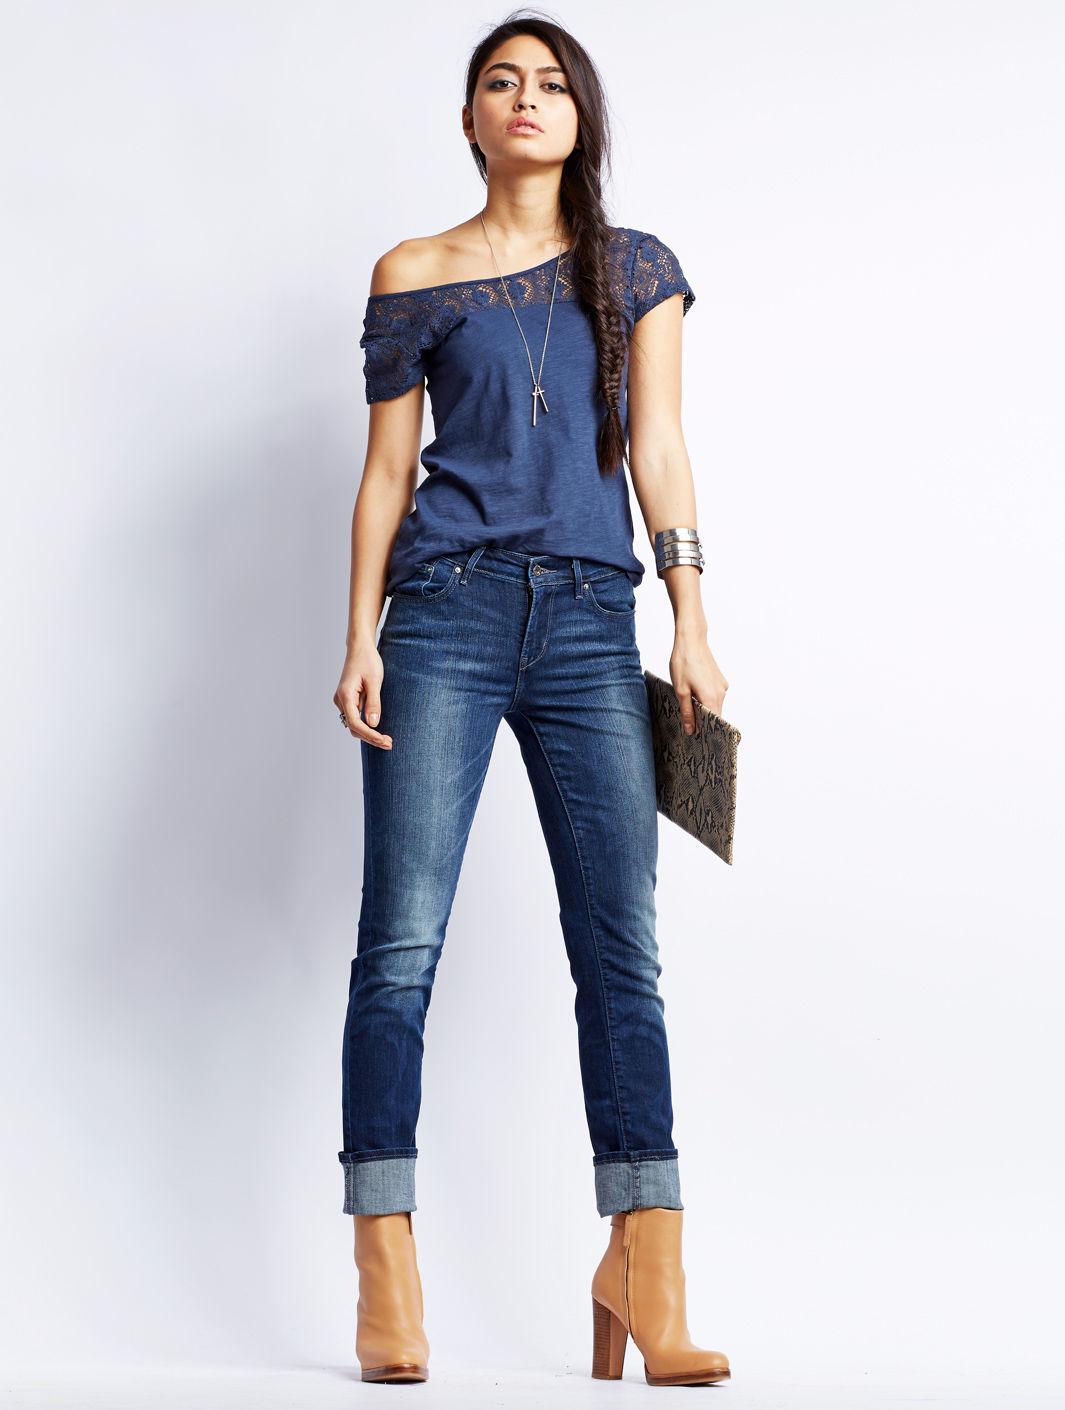 Je teste une nouvelle coupe de jeans sur jean - J ai decide de ne plus porter de sous vetements ...